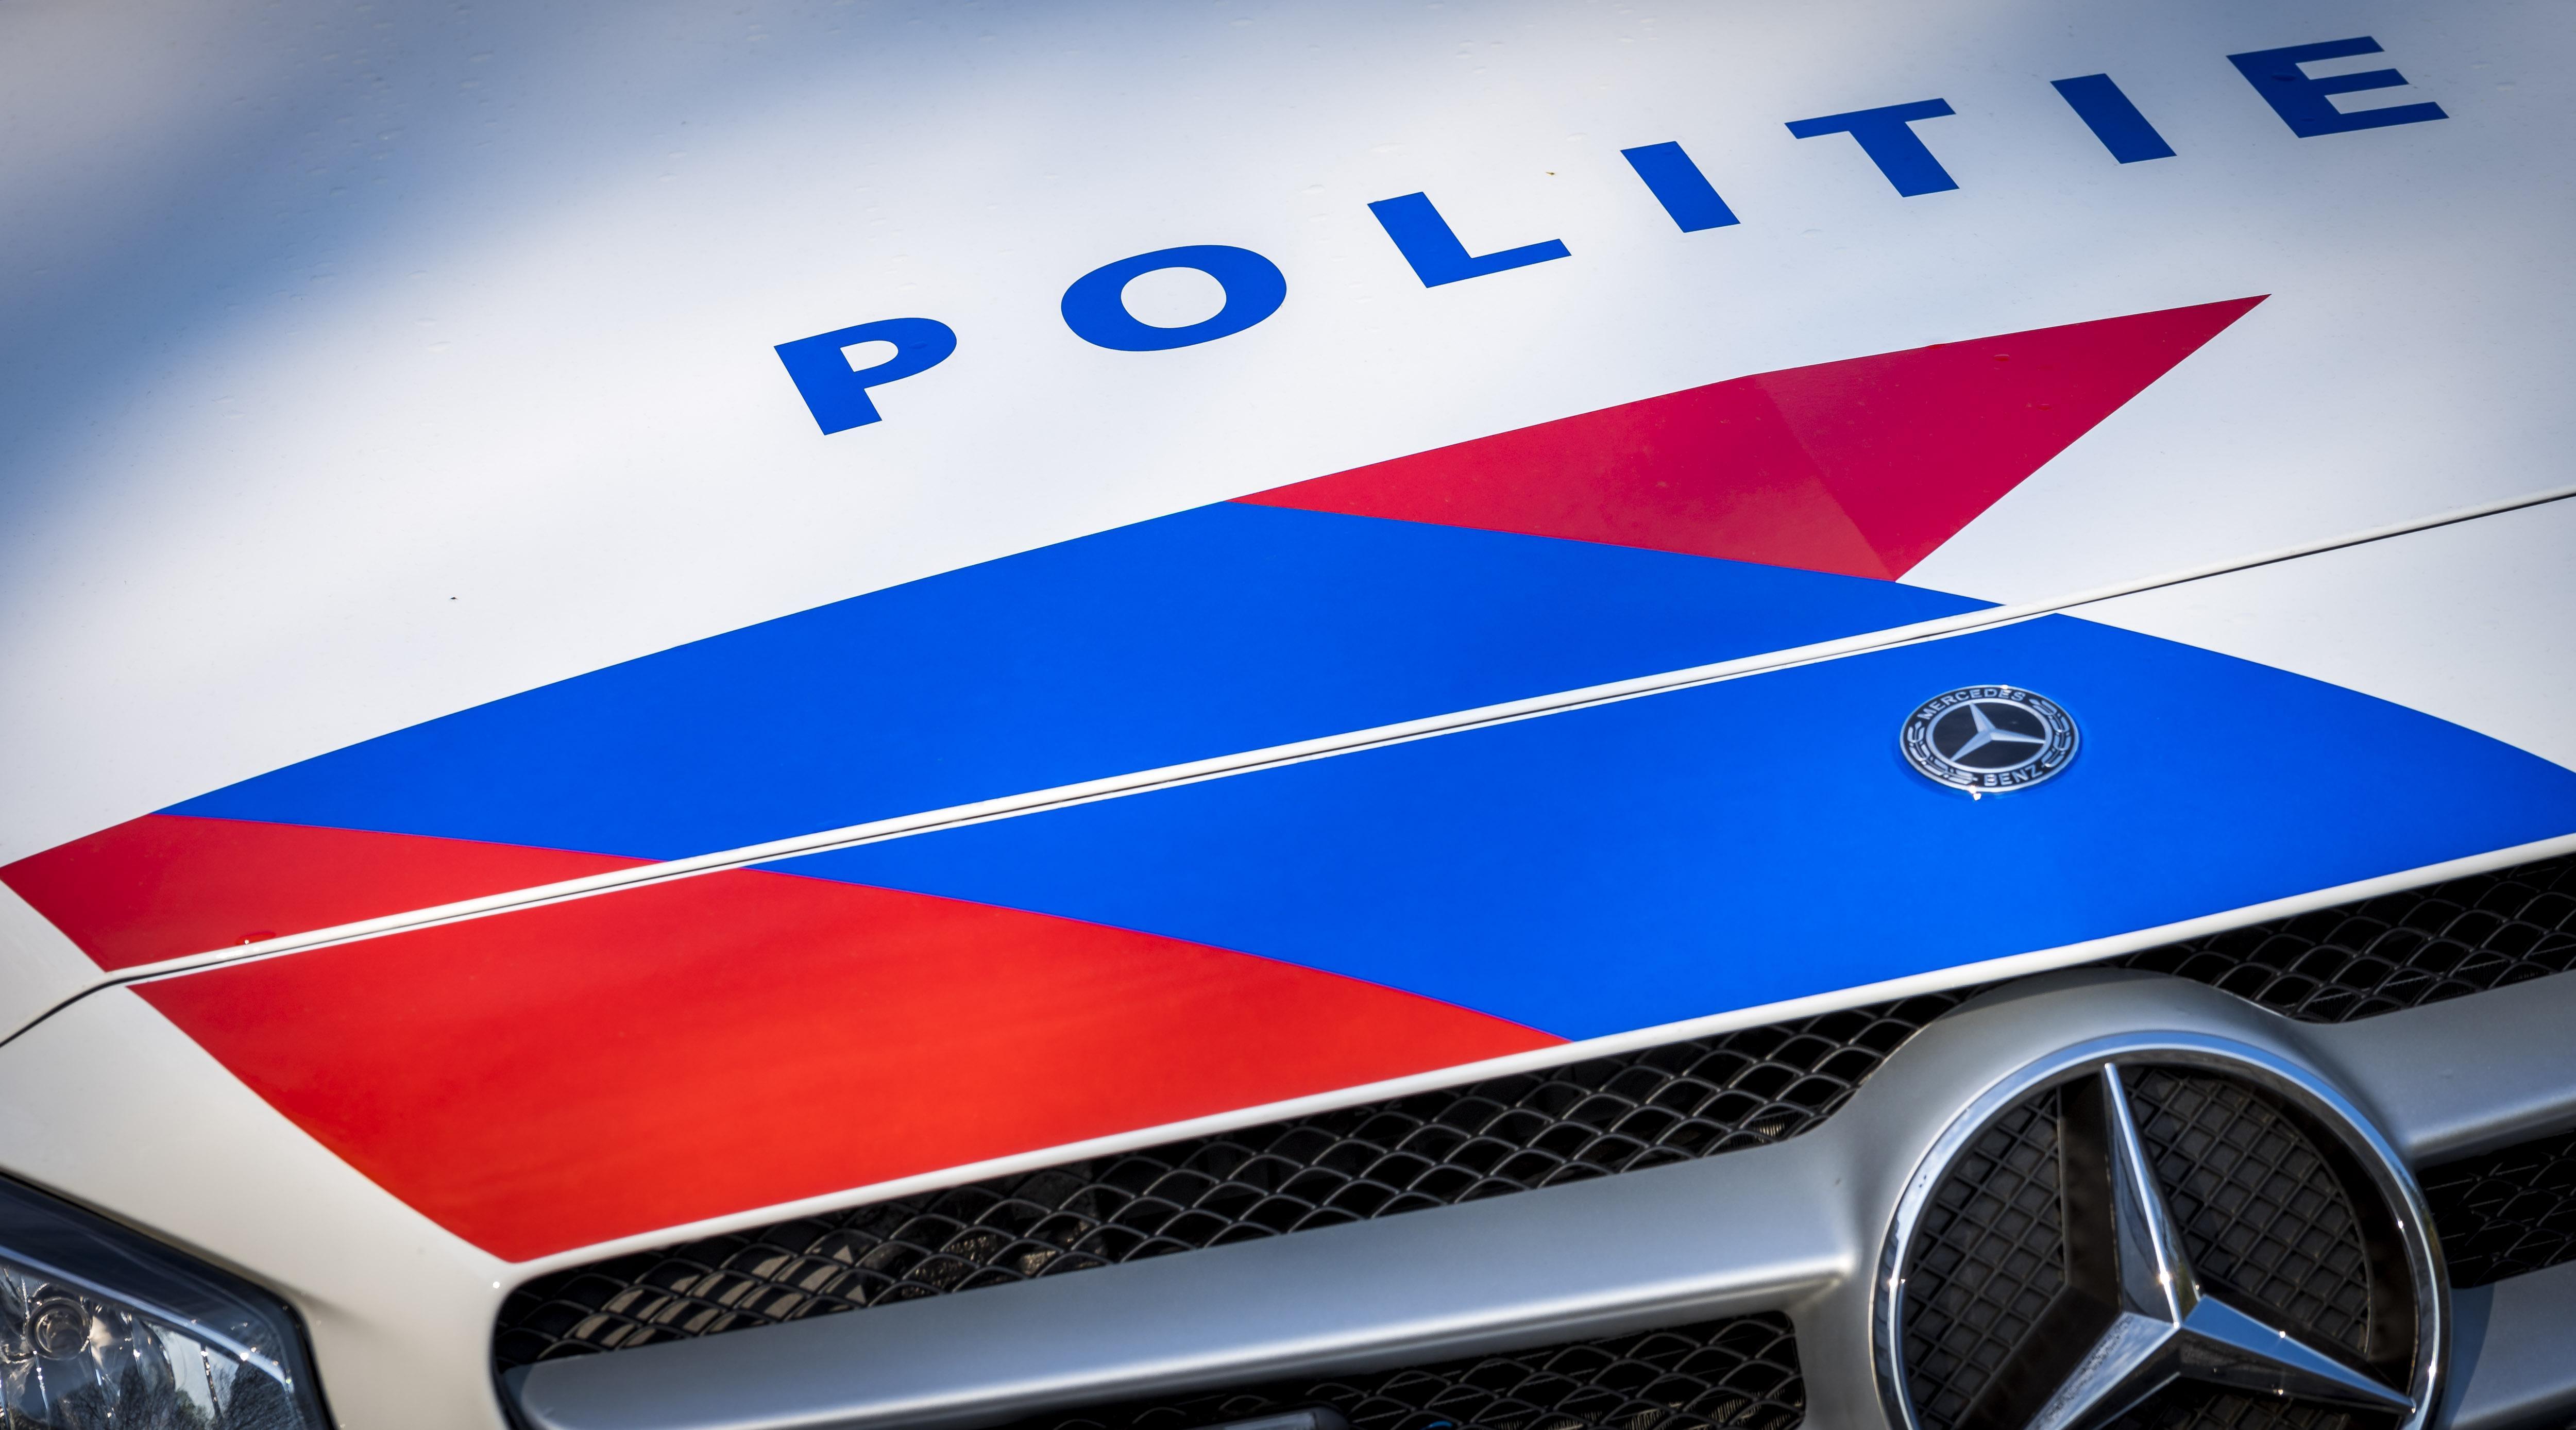 Fietser van geld en telefoon beroofd in Rijnsburg, twee daders gaan er op fiets vandoor [update]